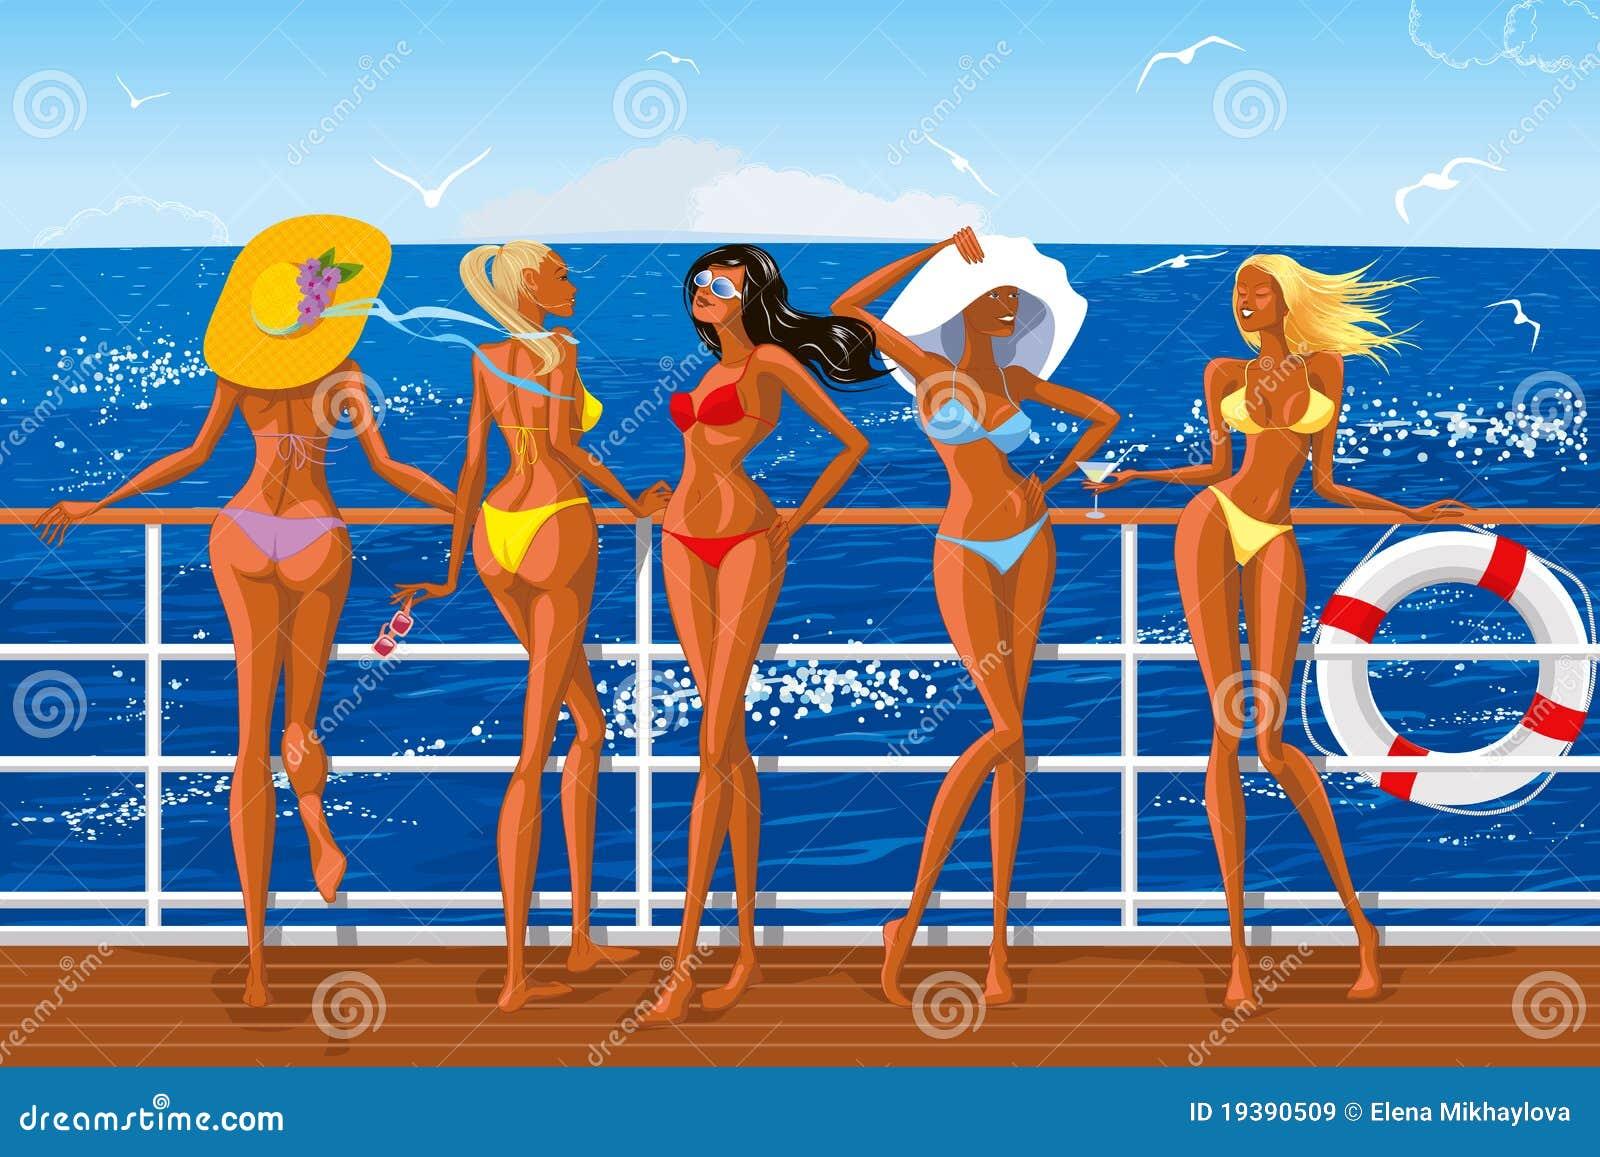 Пляж бикини яхты